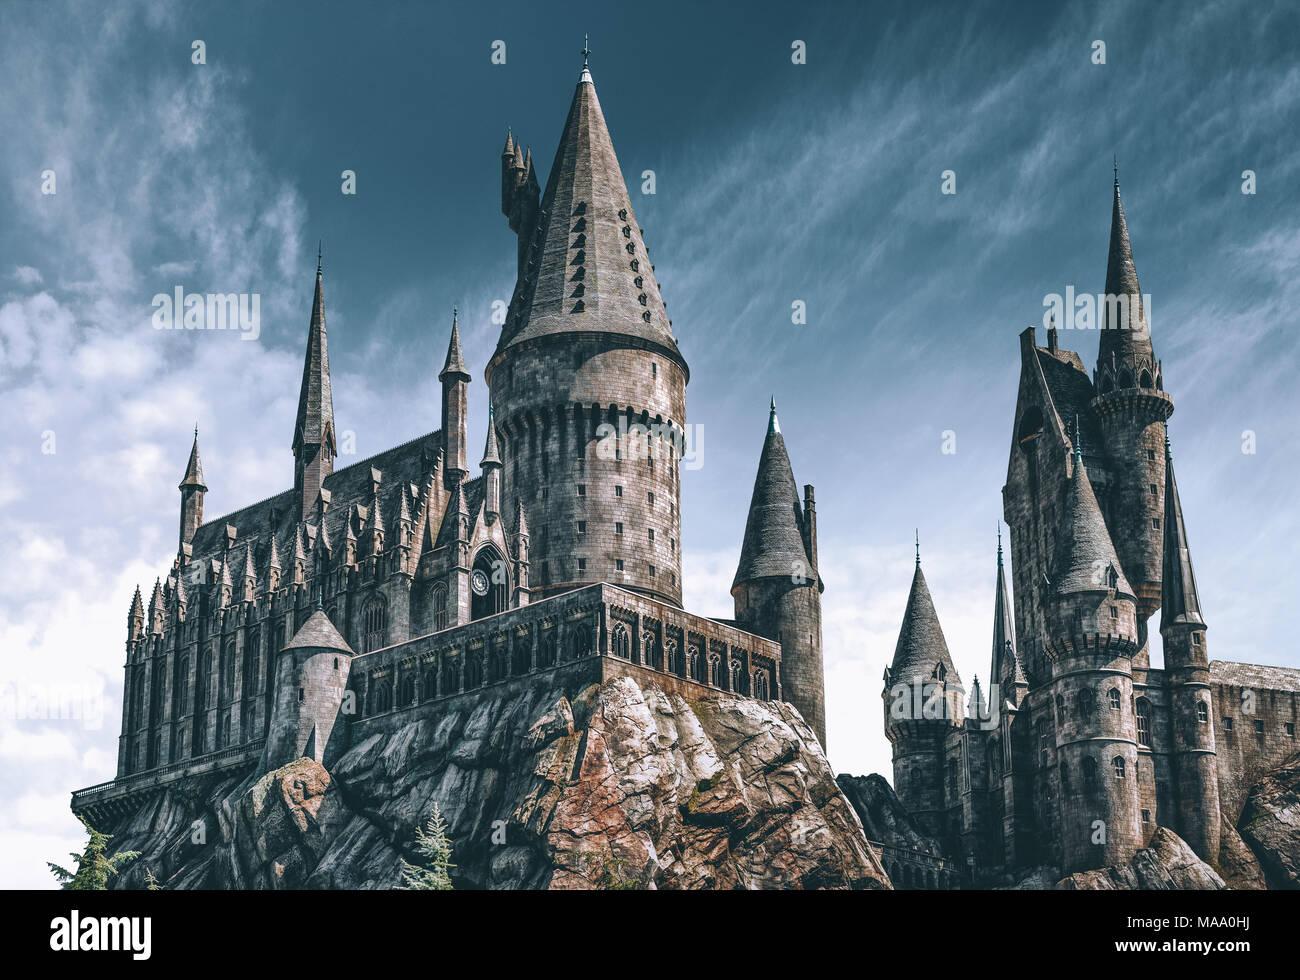 hogwarts castle harry potter stockfotos hogwarts castle. Black Bedroom Furniture Sets. Home Design Ideas